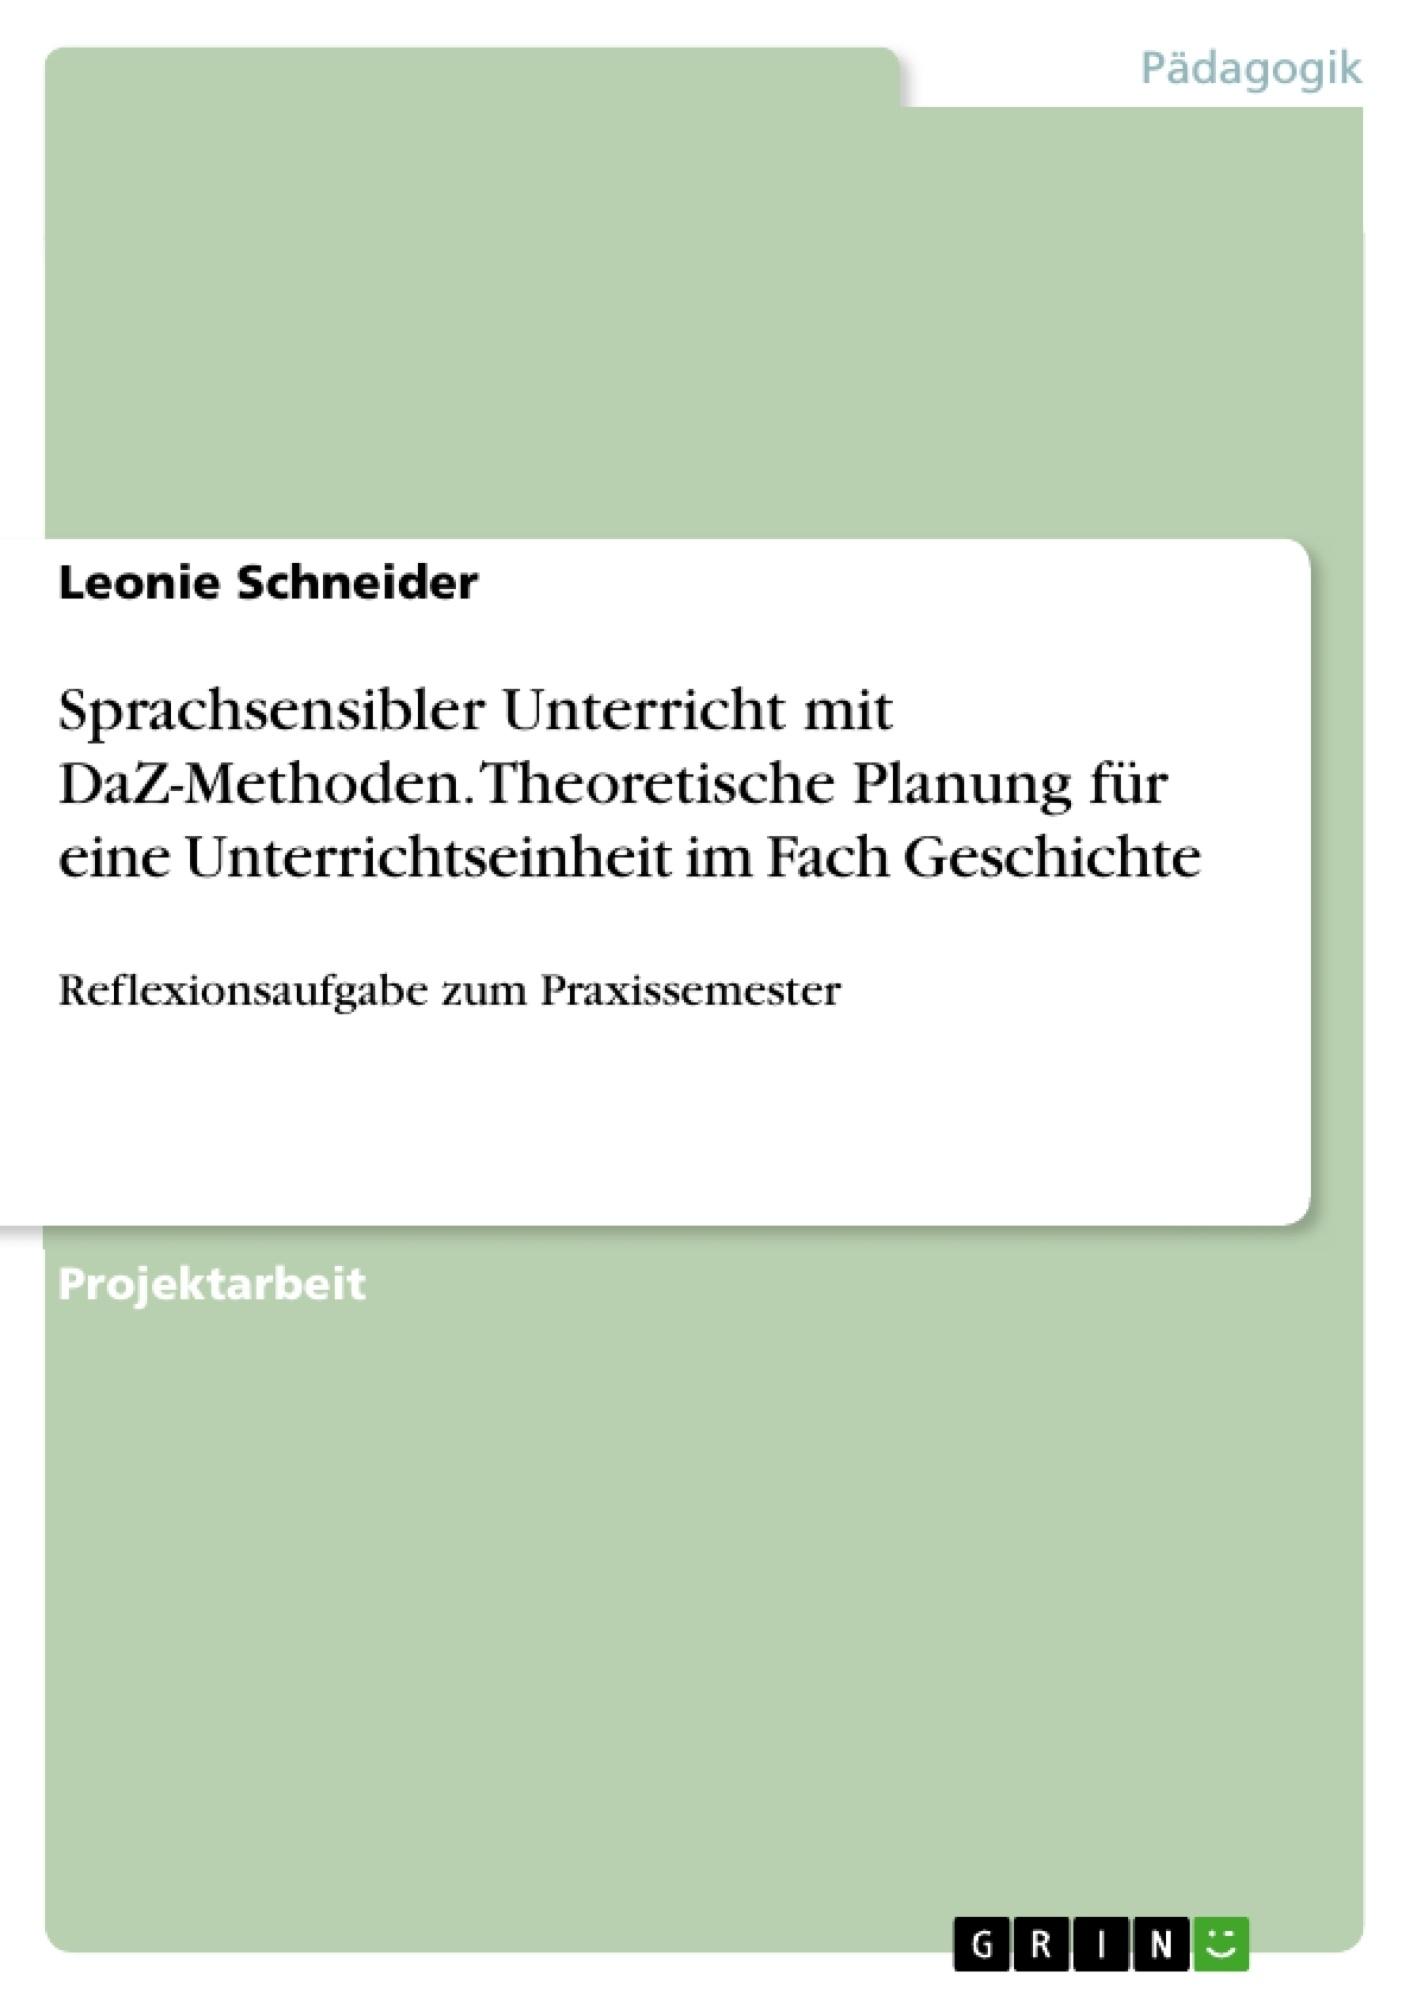 Titel: Sprachsensibler Unterricht mit DaZ-Methoden. Theoretische Planung für eine Unterrichtseinheit im Fach Geschichte